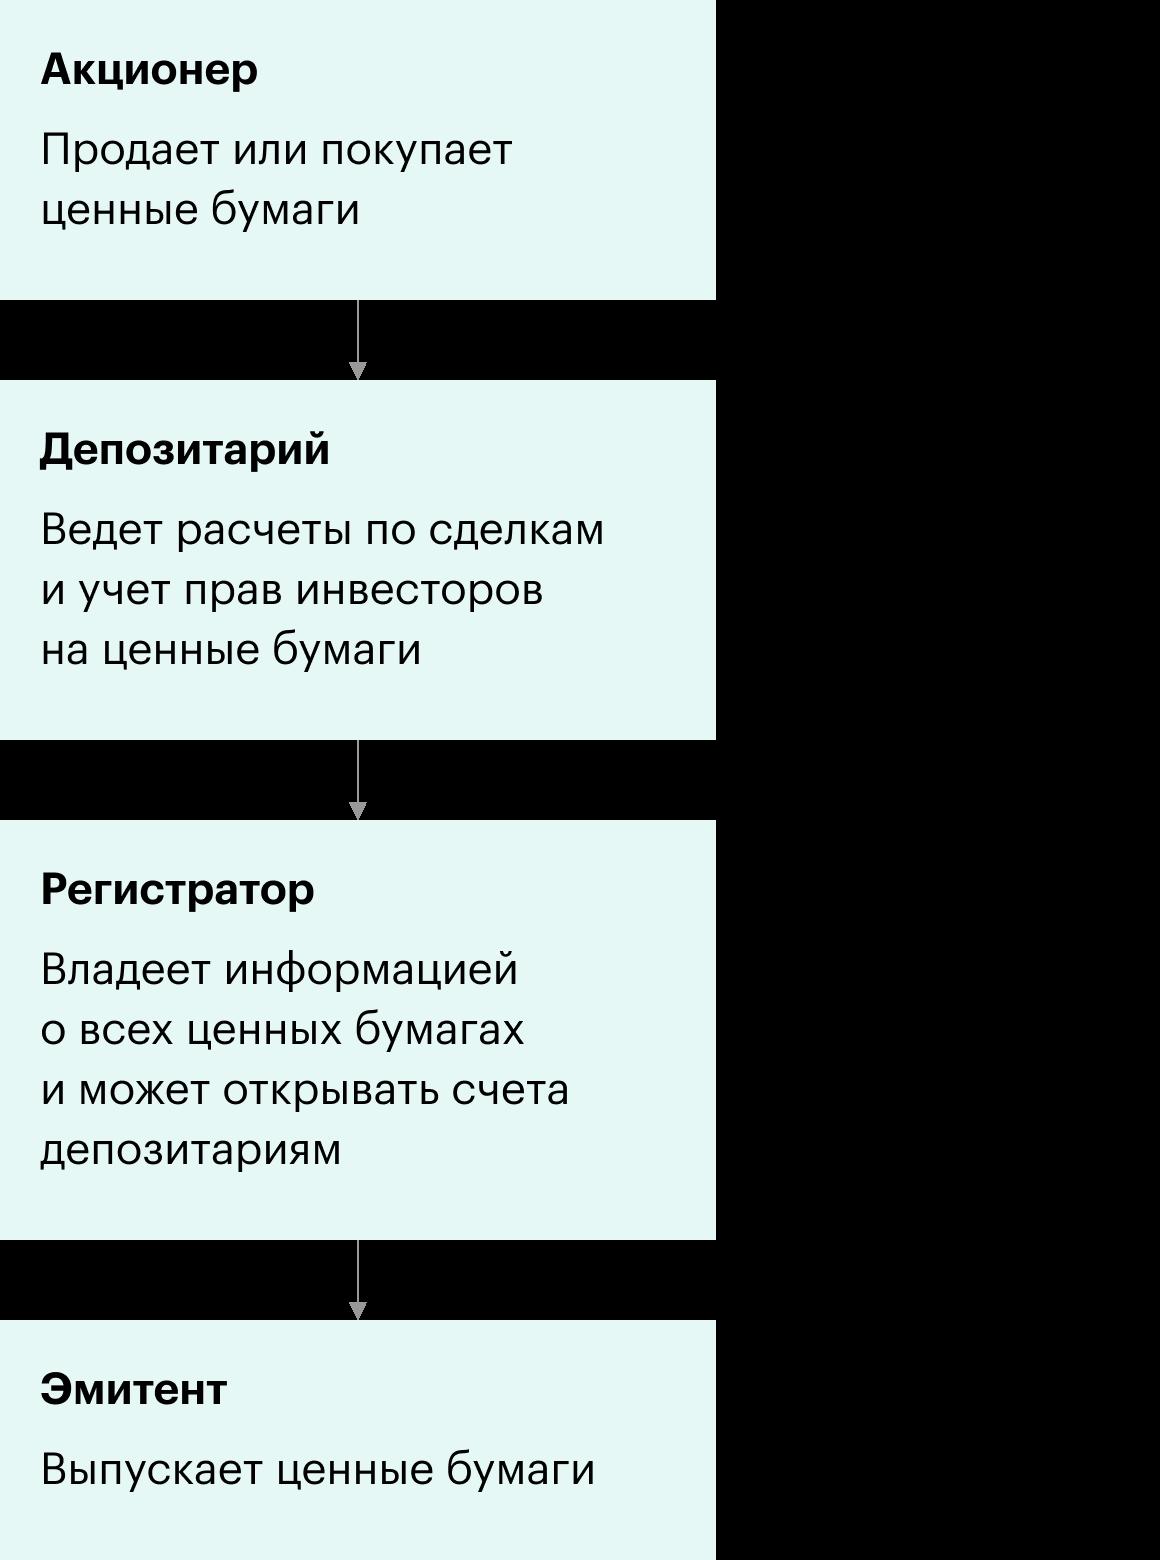 Схема взаимодействия акционеров, депозитариев, регистраторов и эмитентов. Регистратор владеет информацией обовсех ценных бумагах и может открывать счета депозитариям